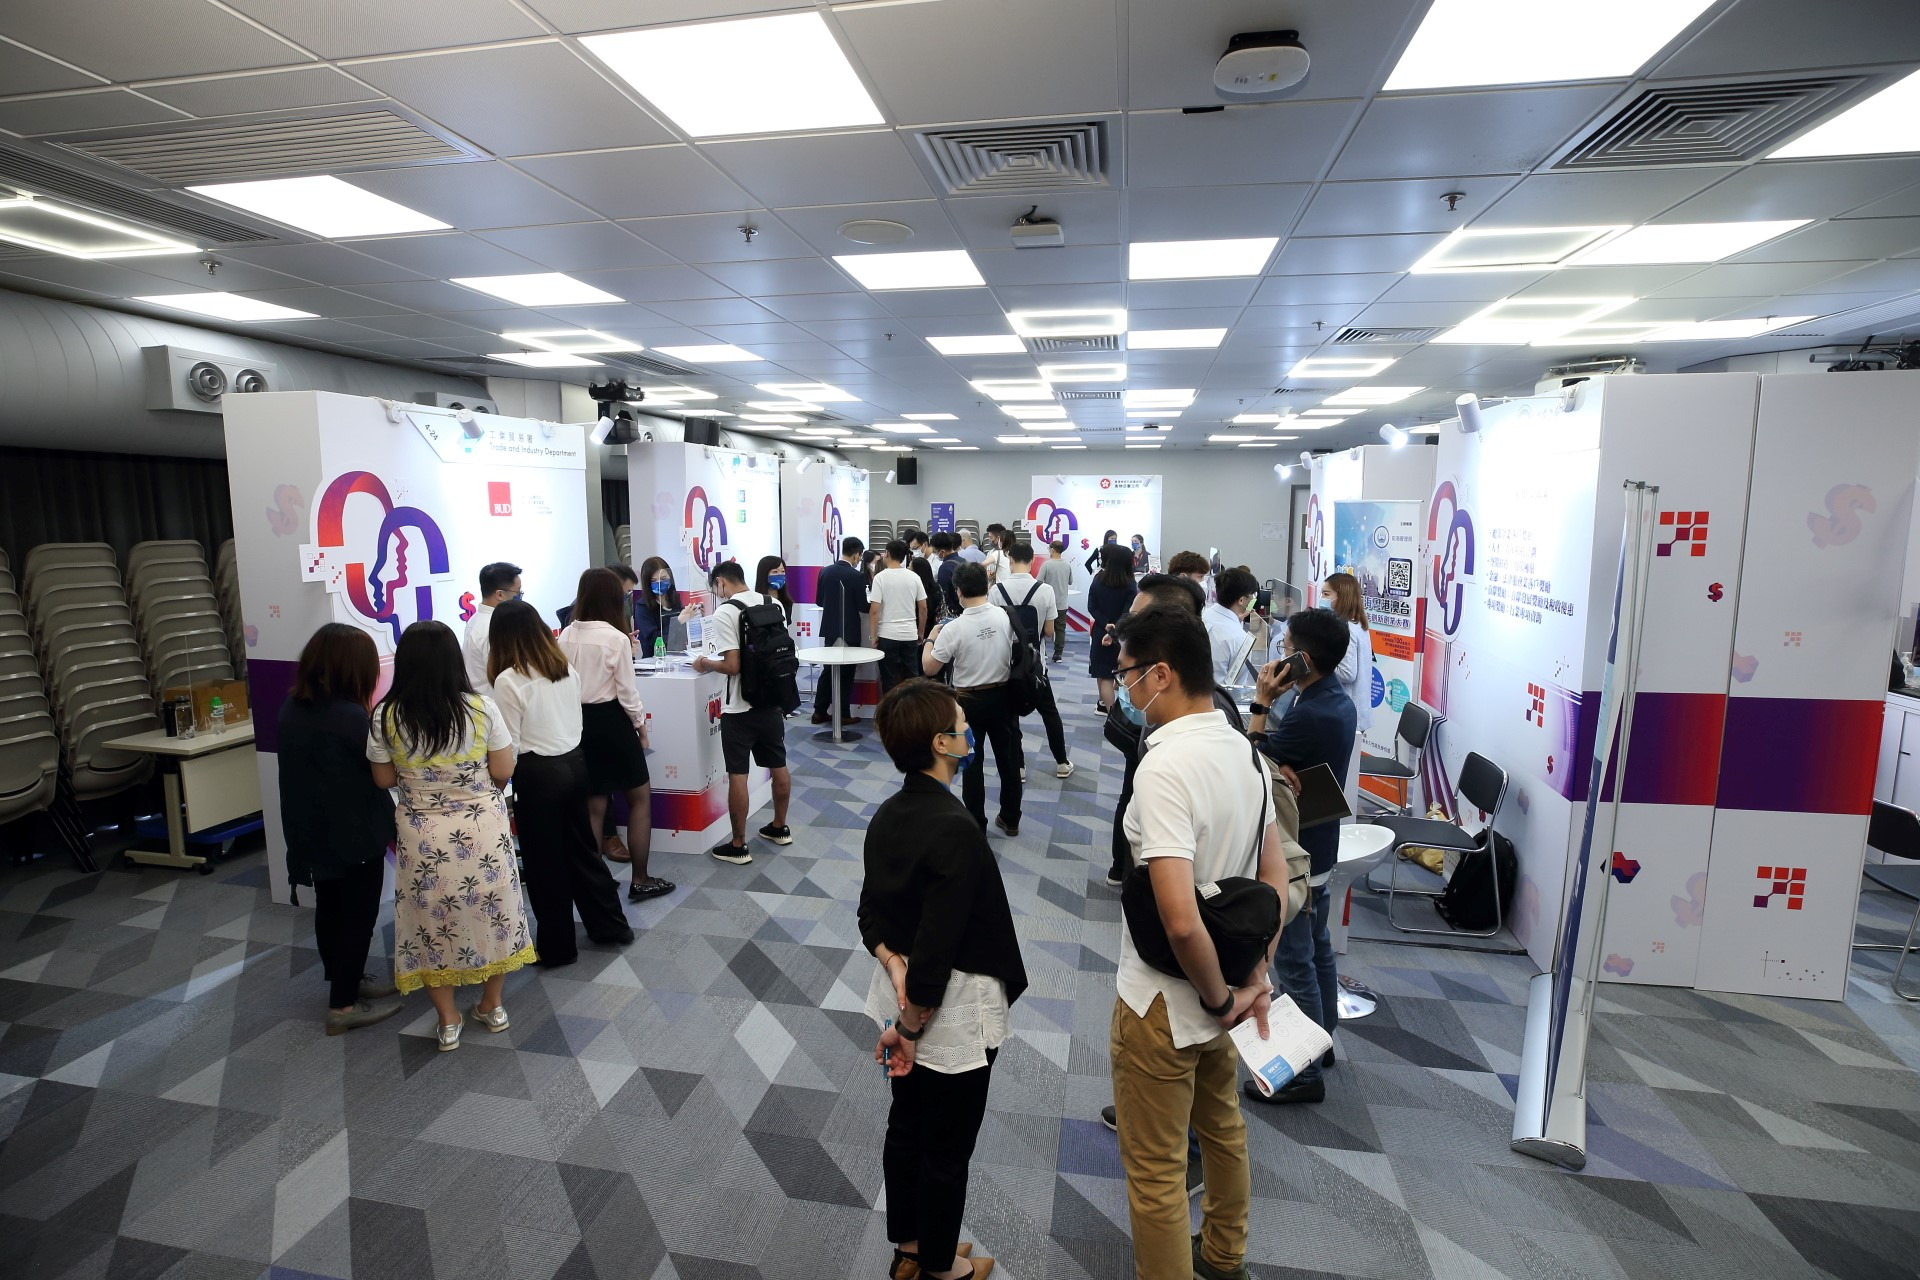 生產力局舉辦的《中小企資援組:2021政府資助基金博覽+》反應熱烈,為中小企和業界提供及時及適切的支援。